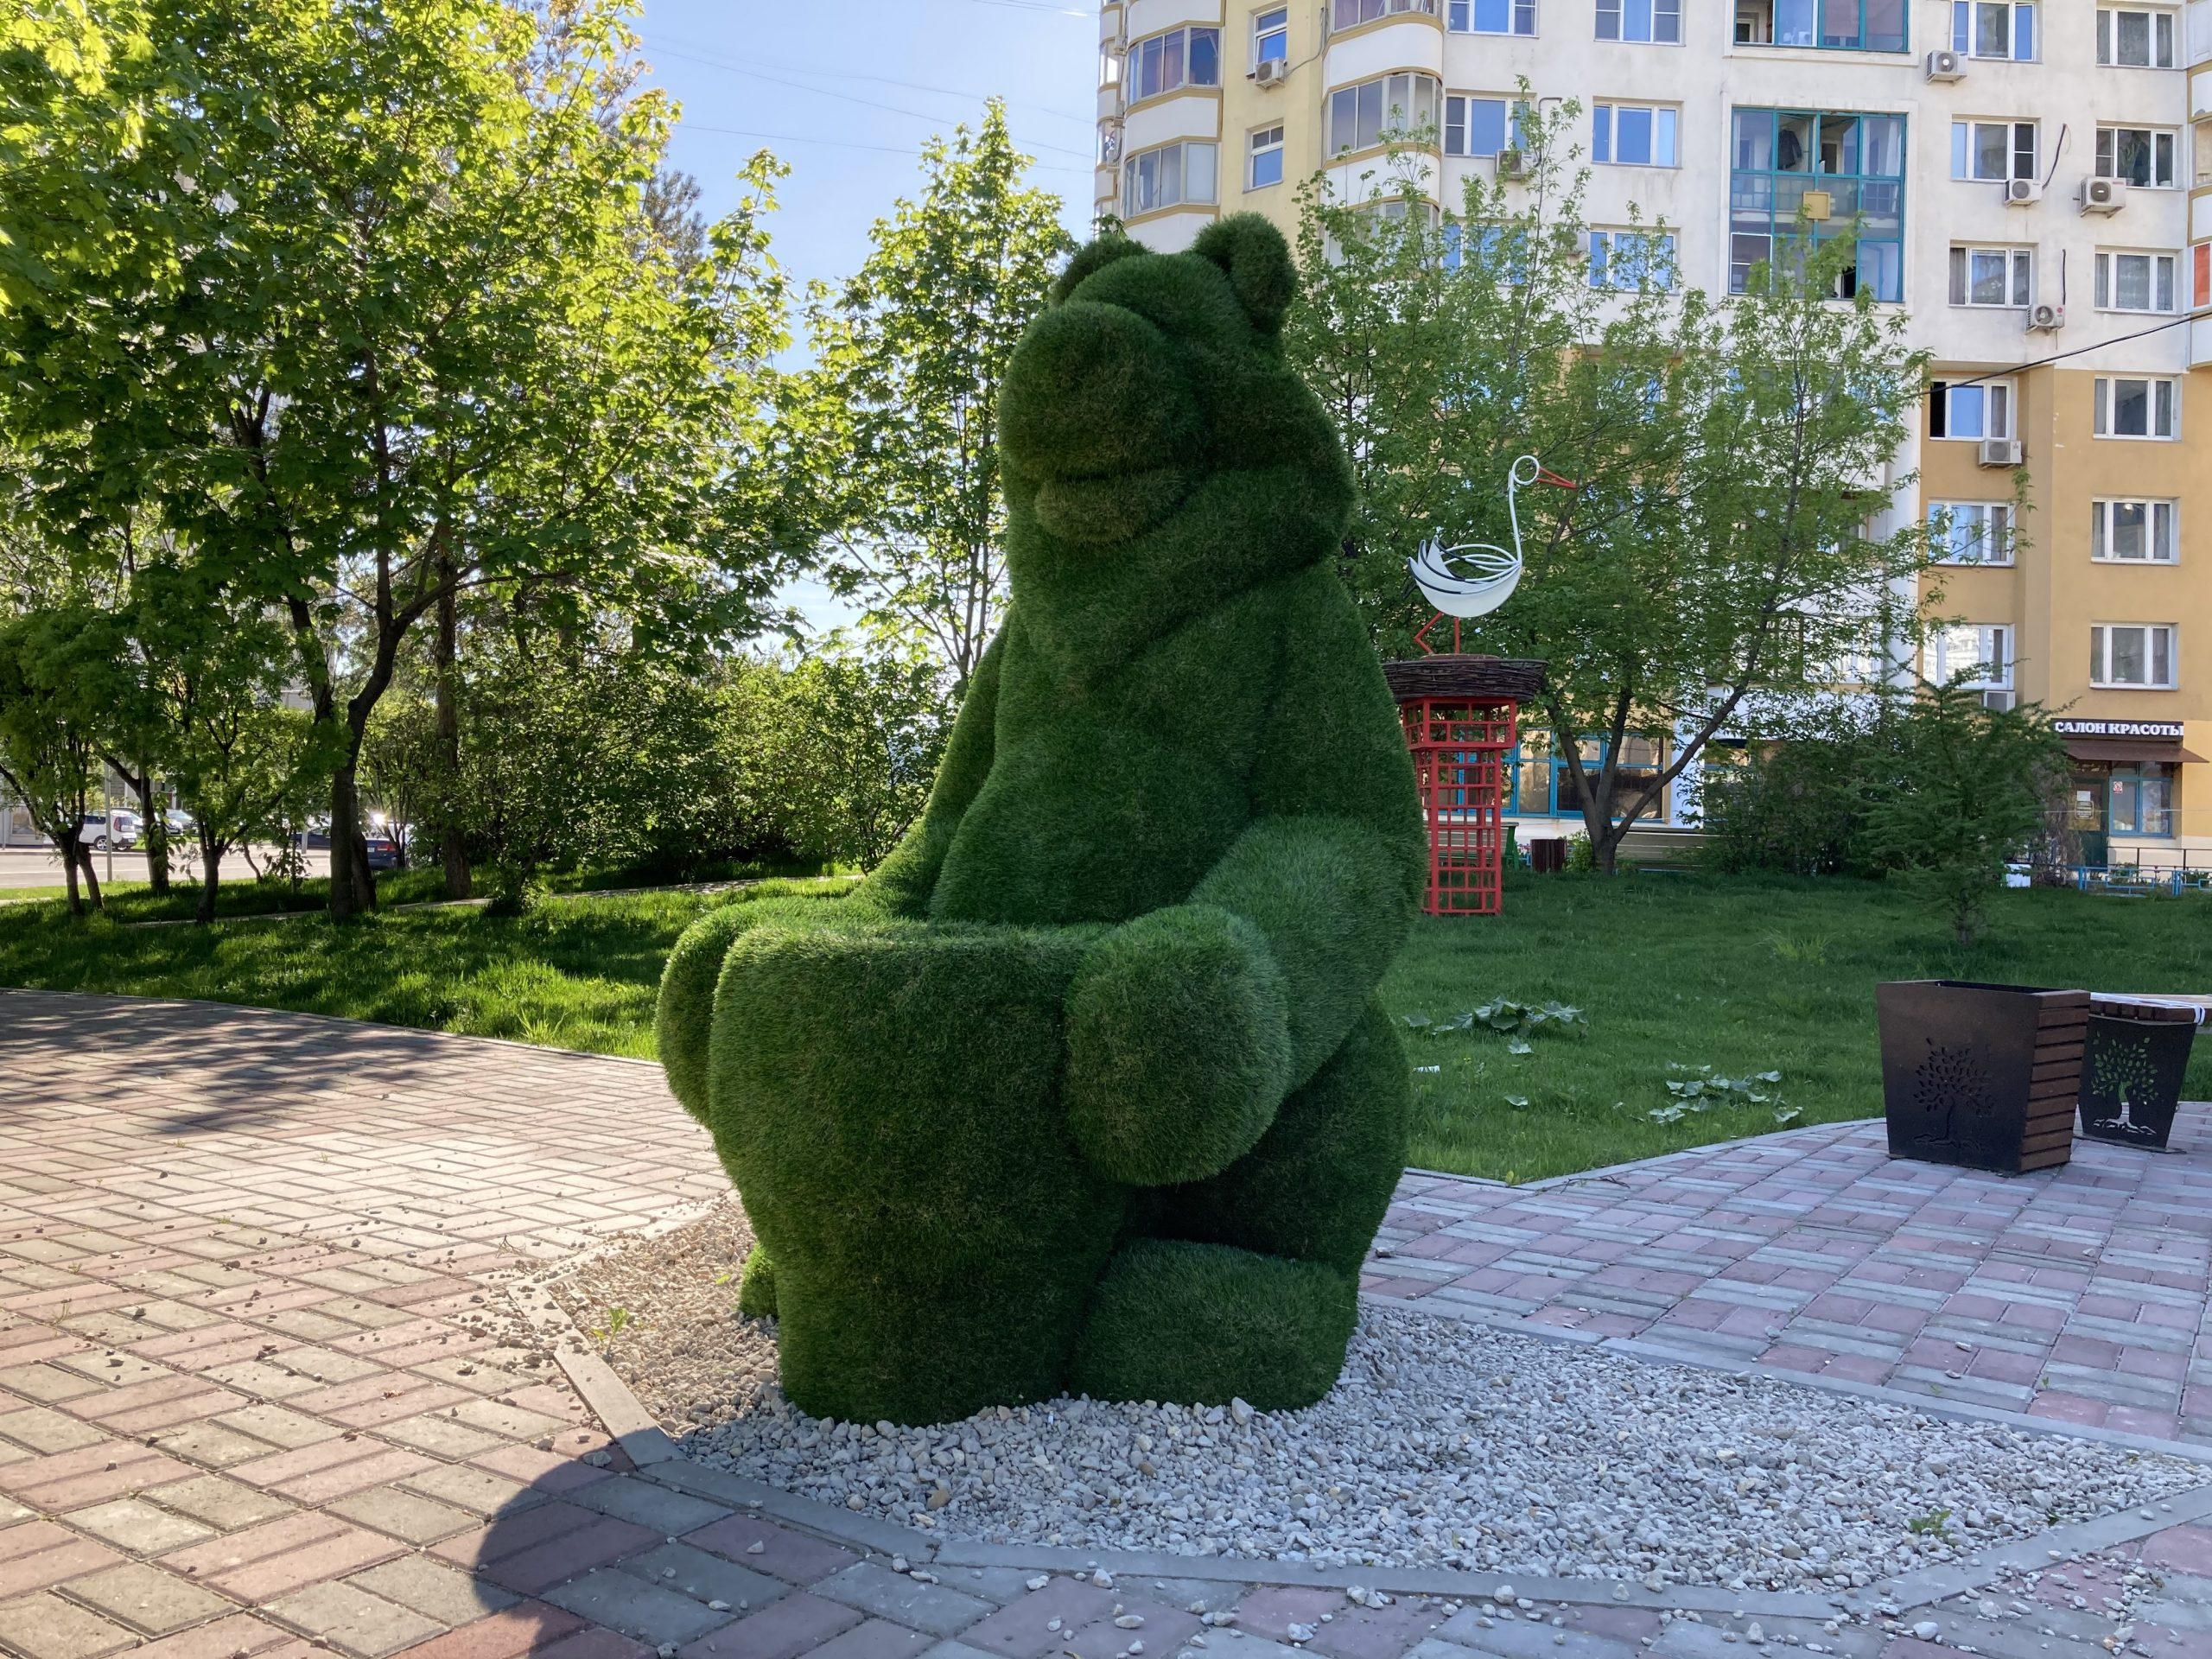 """МАФ Медведь с корзиной, Топиарная фигура Медведь с корзиной, Медведь с корзиной из искуственного газона, МАФ ЛЕВ, МАФ Ландшафтная фигура топиари Топиарная фигура Лавочка Sherwood, светлого цветаТопиарная фигура """"Лев"""""""